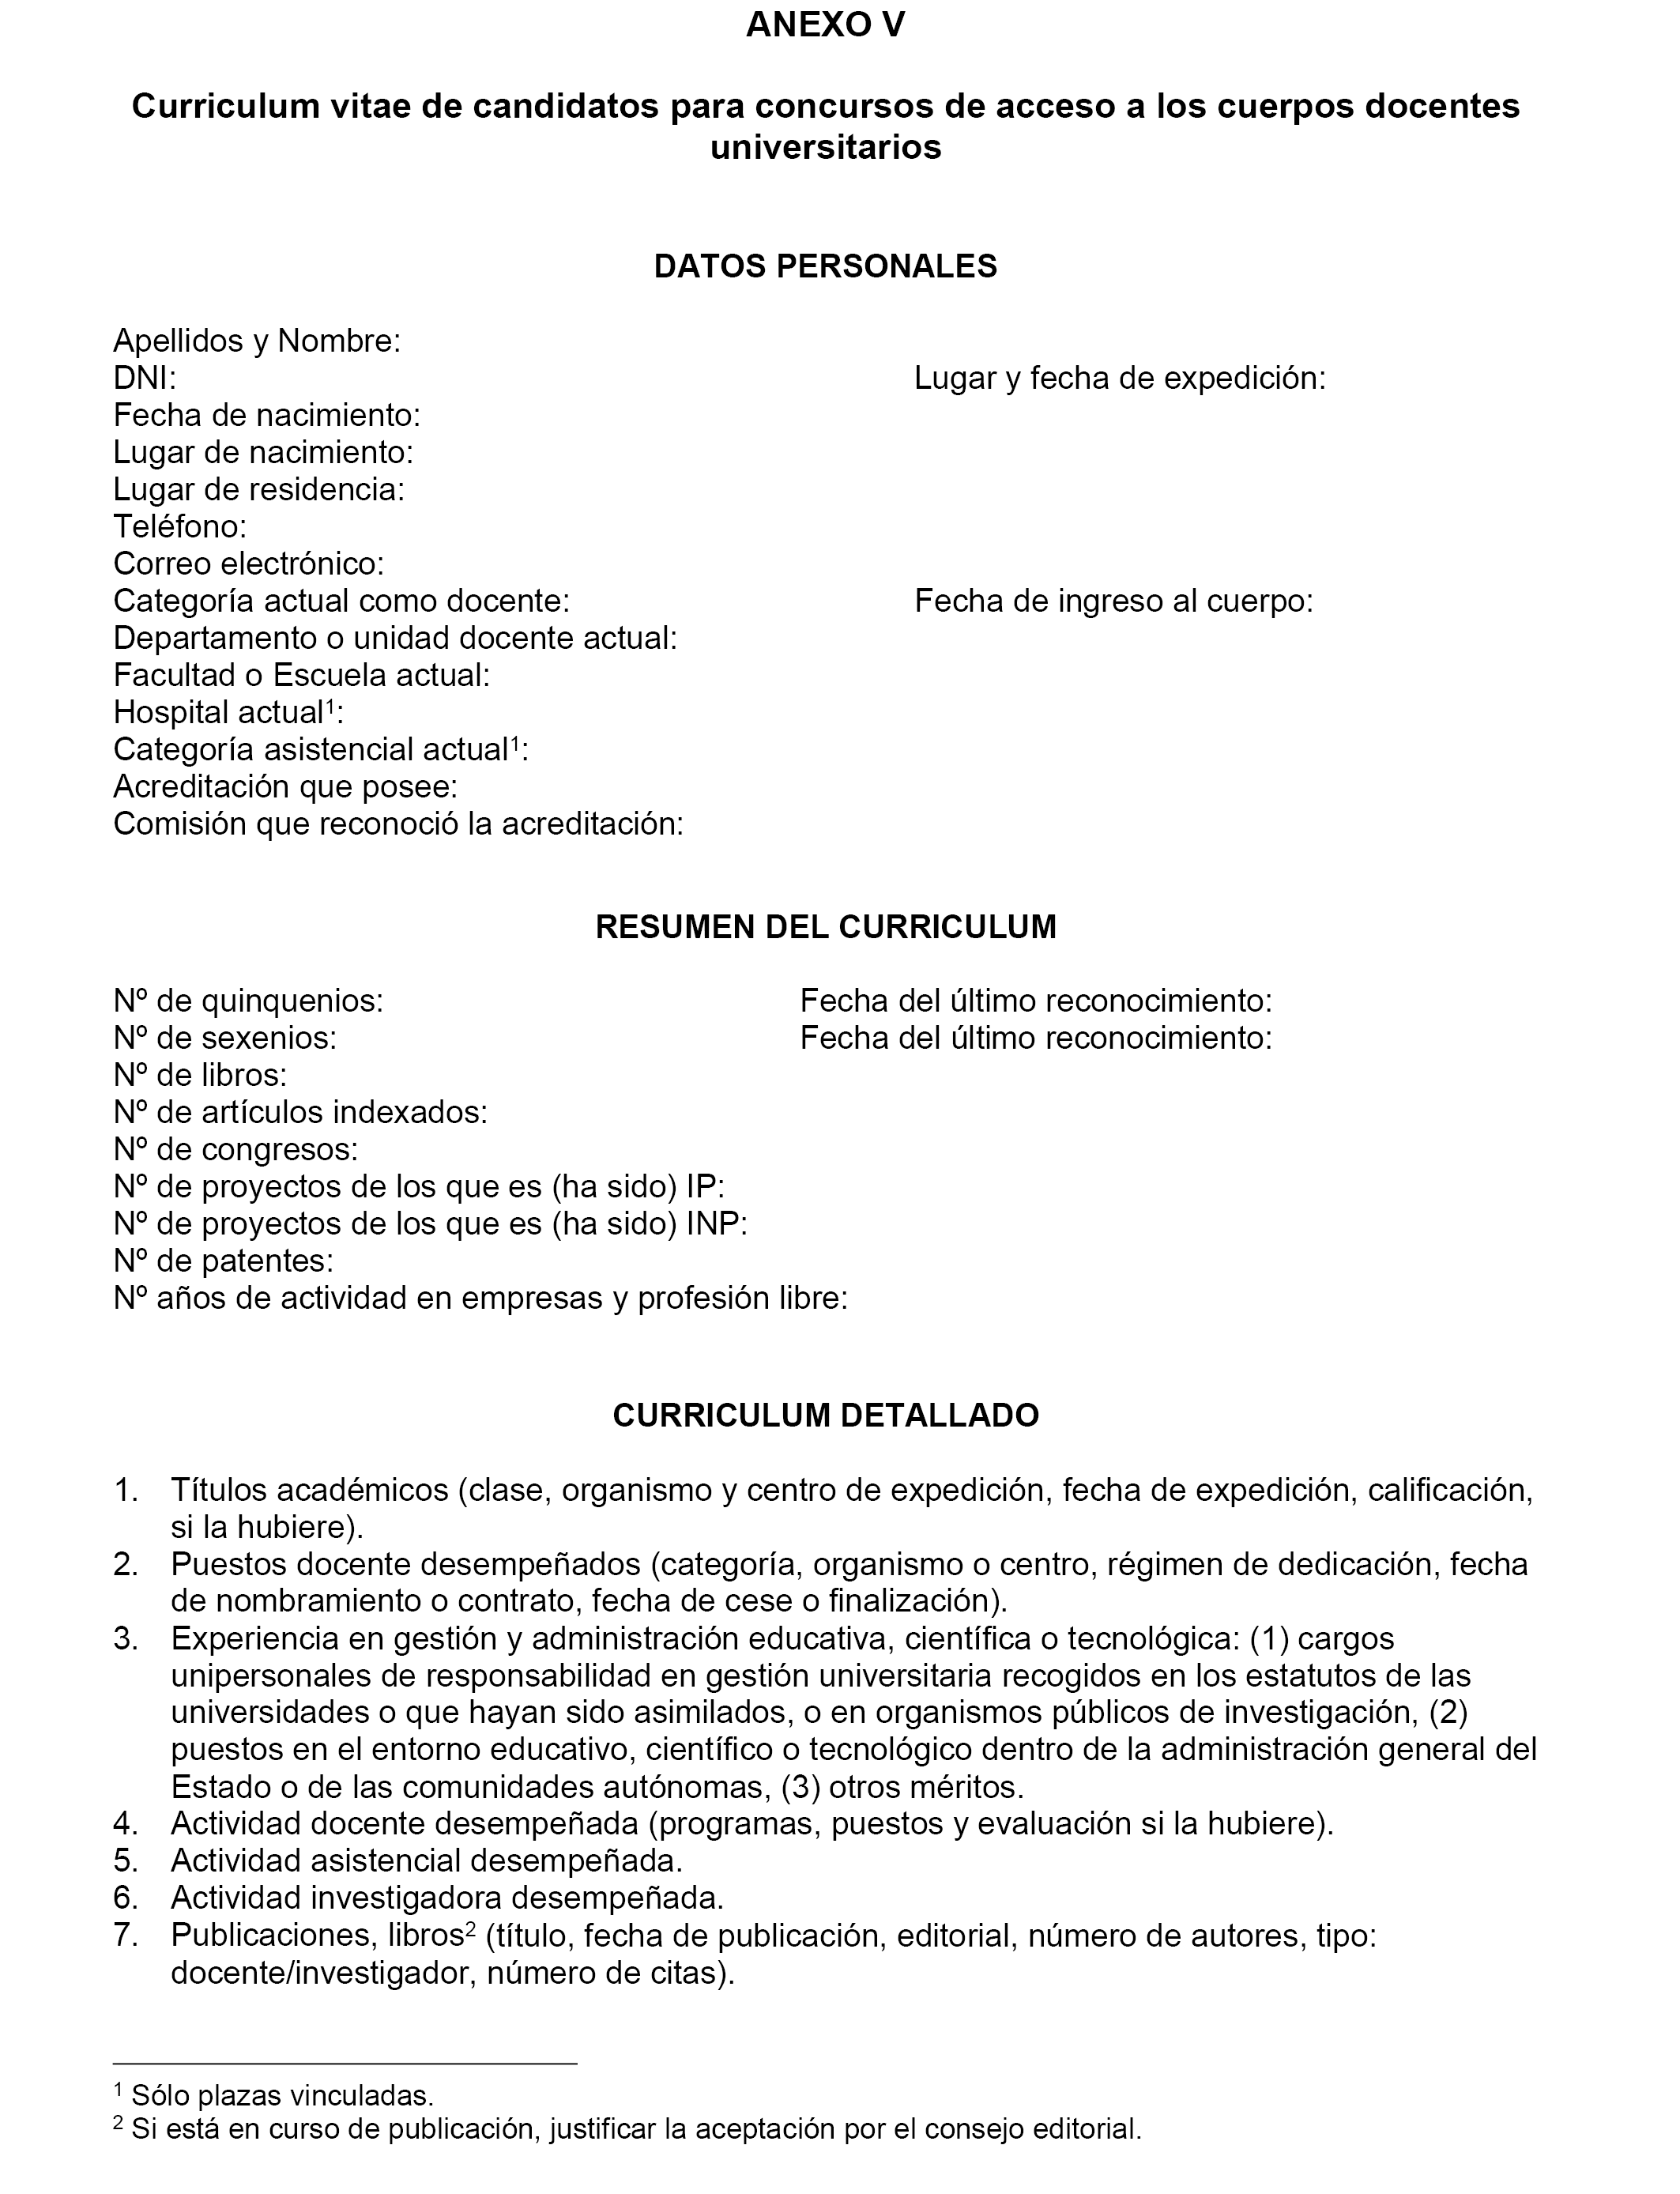 Dorable Escribiendo Un Curriculum Vitae De Aplicación De Colegio ...